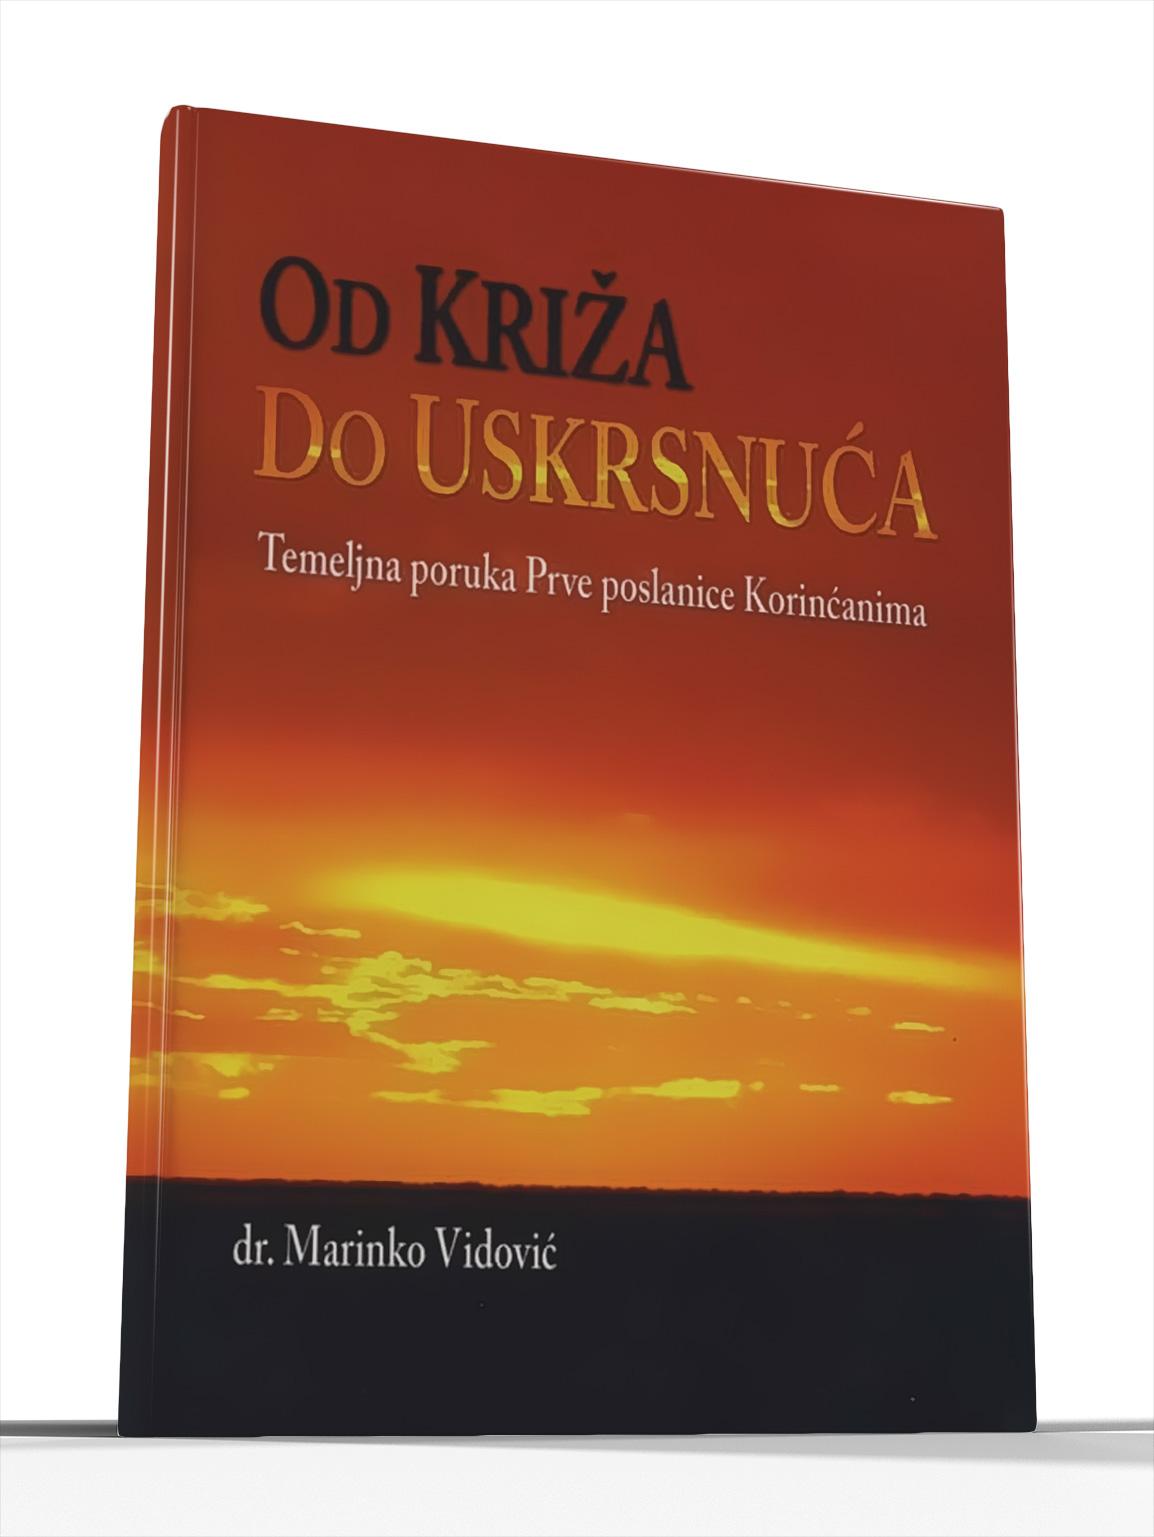 OD KRIŽA DO USKRSNUĆA - Marinko Vidović